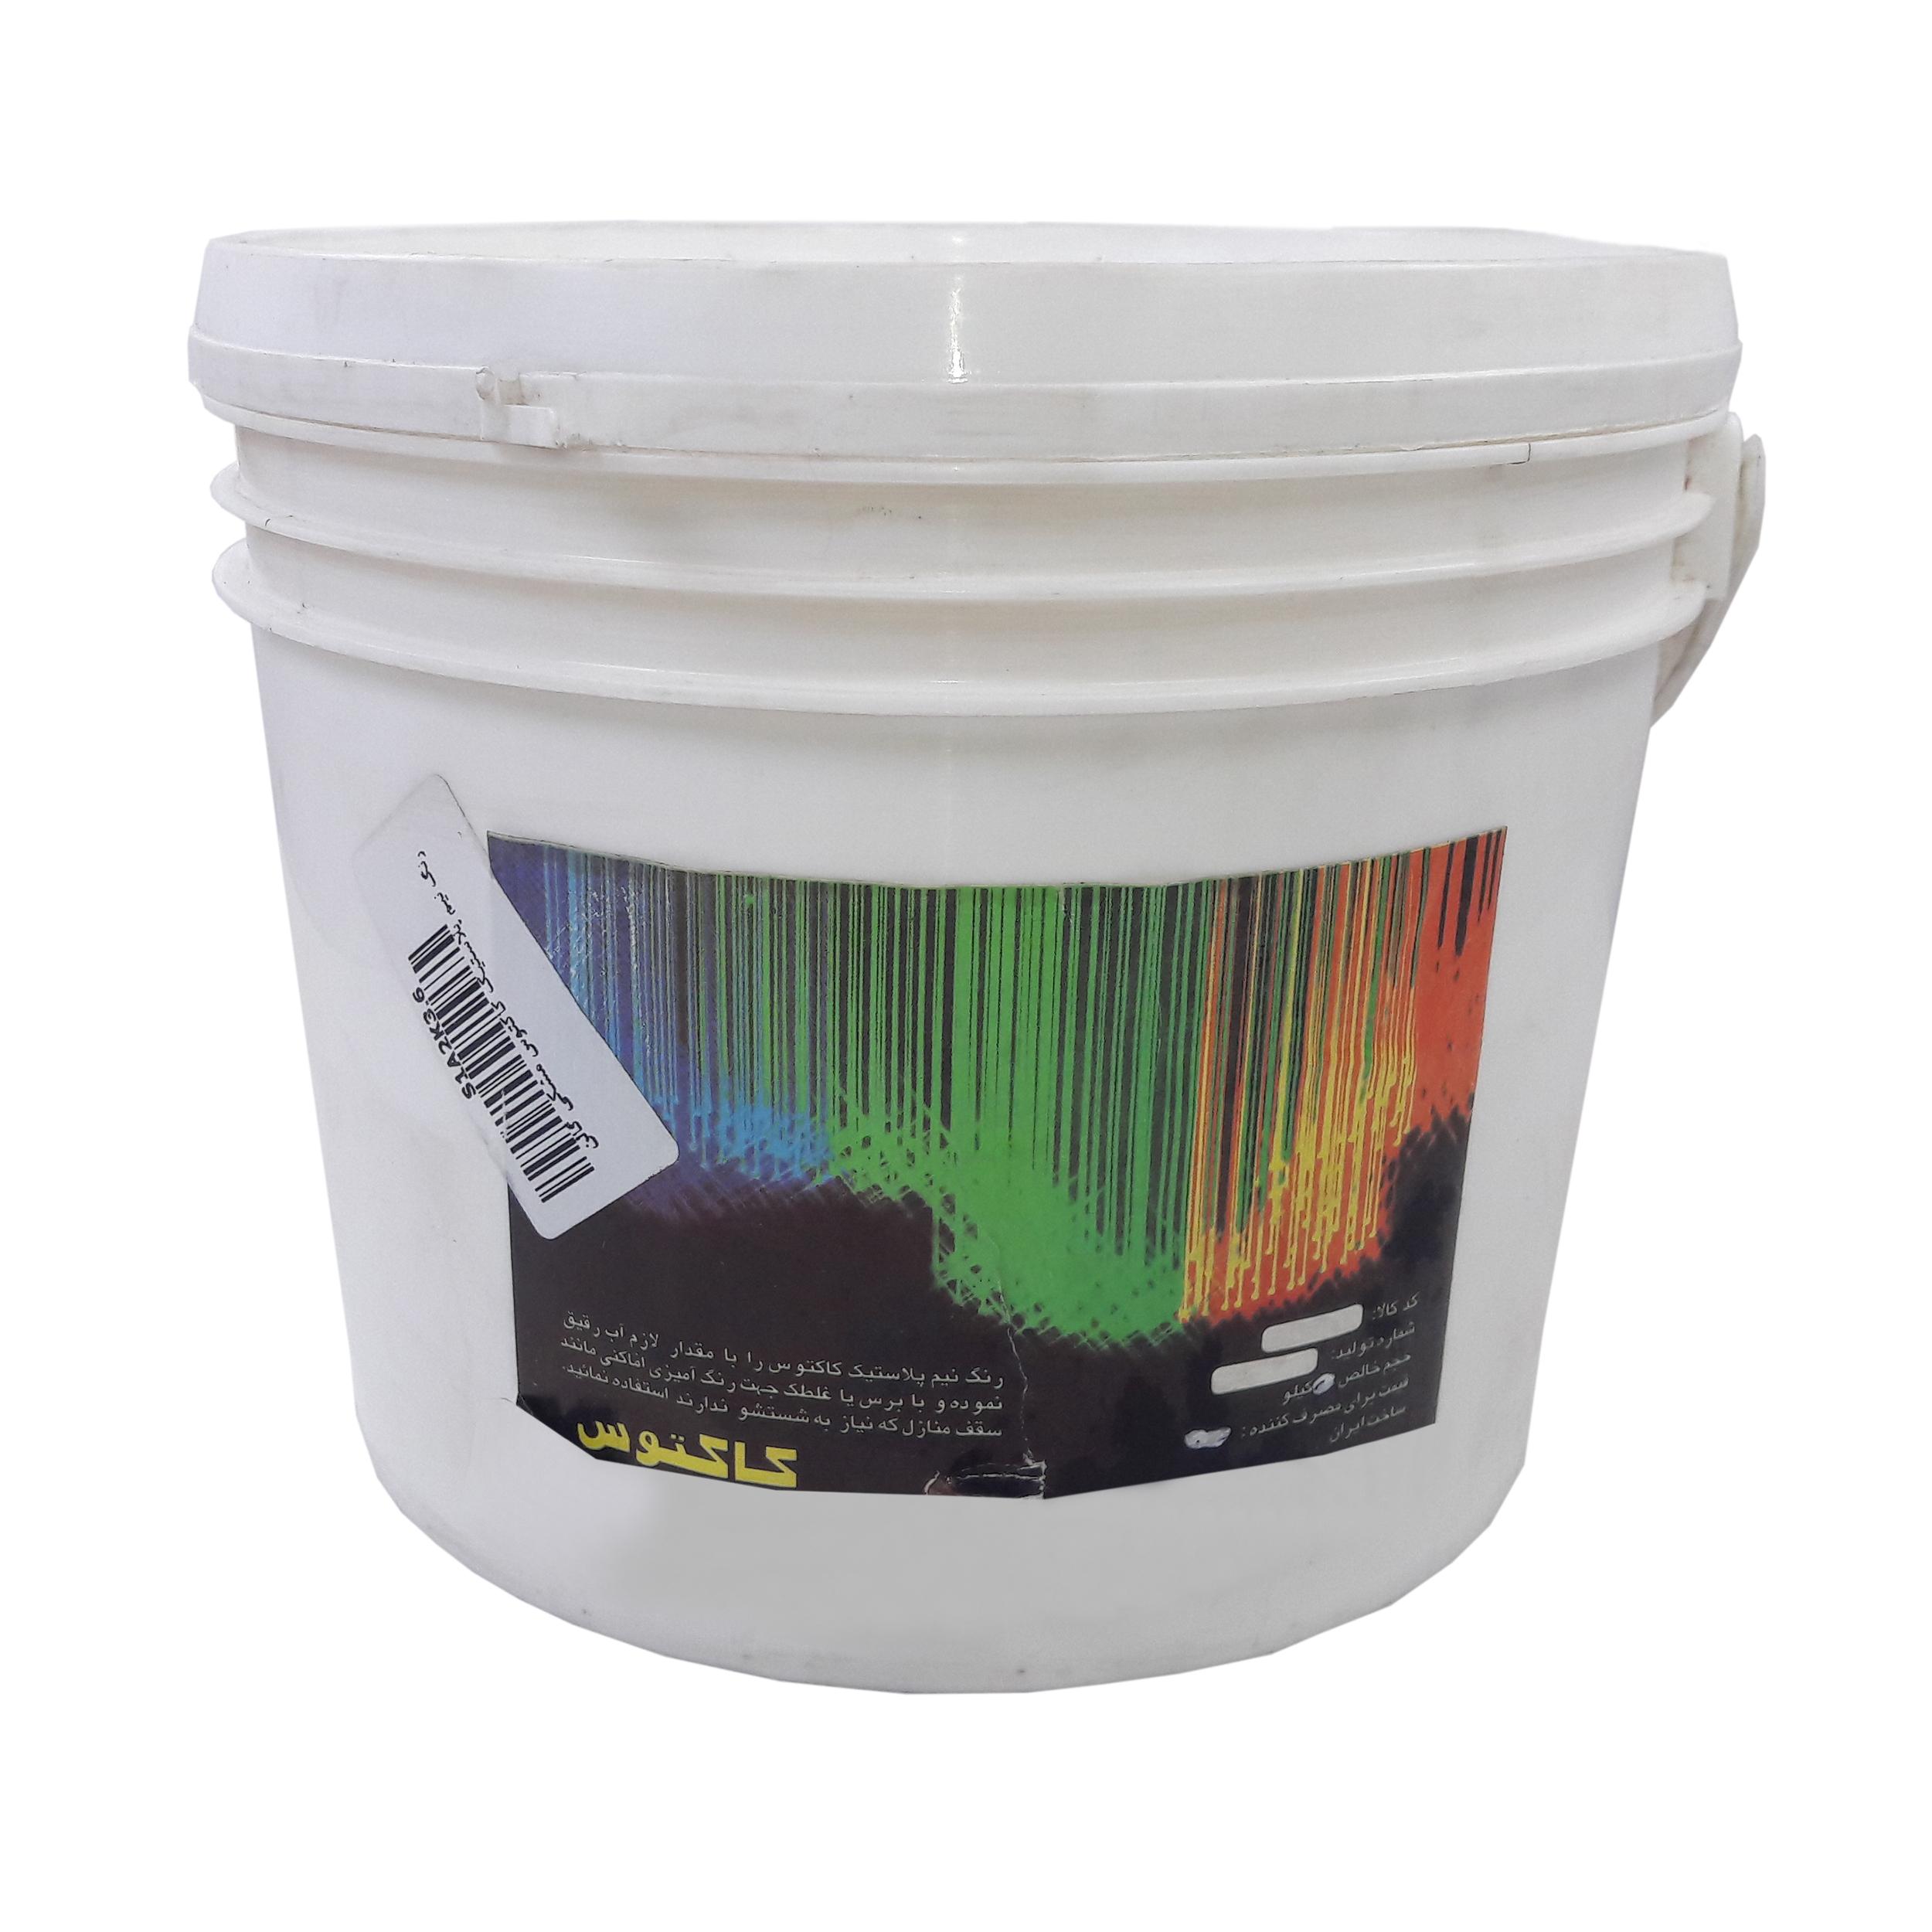 قیمت                                      رنگ نیمه پلاستیک مشکی کاکتوس مدل BB وزن 5 کیلوگرم